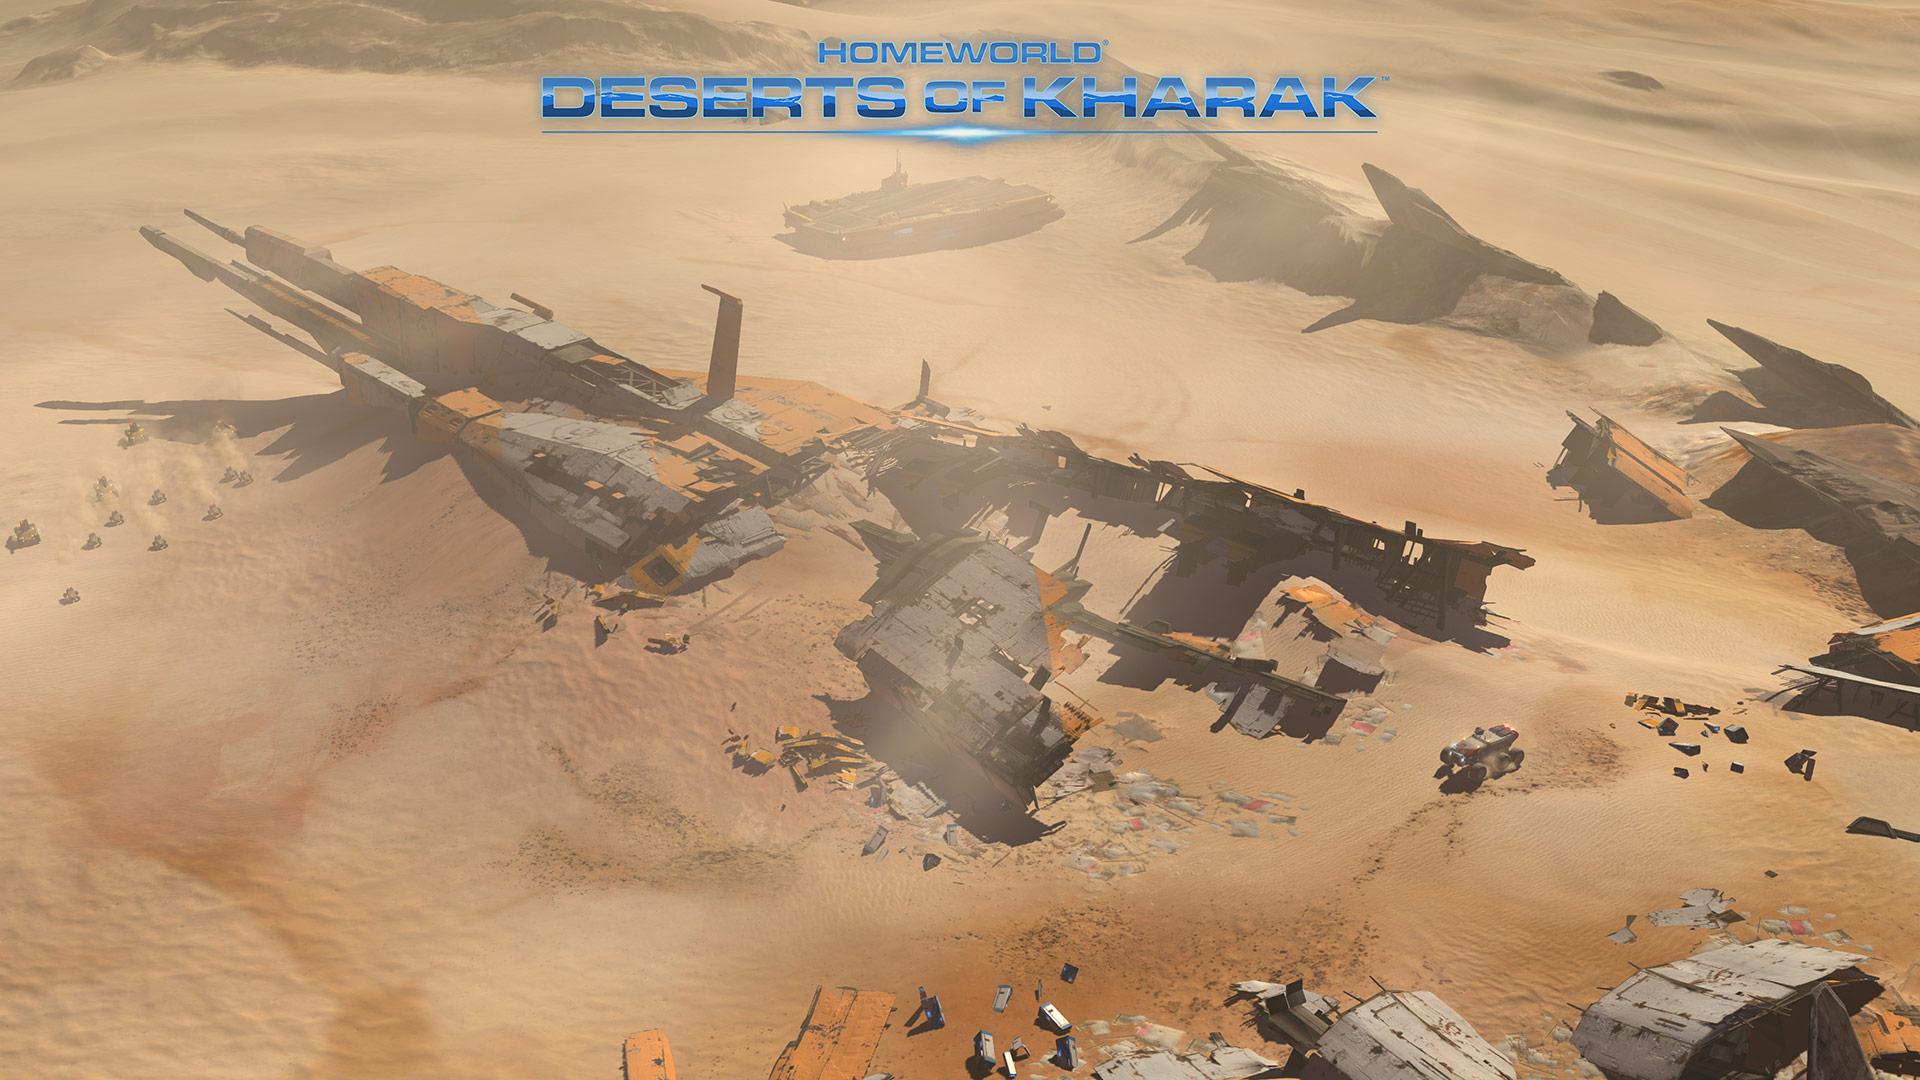 https://www.desertsofkharak.com/images/dok_ss_06.jpg